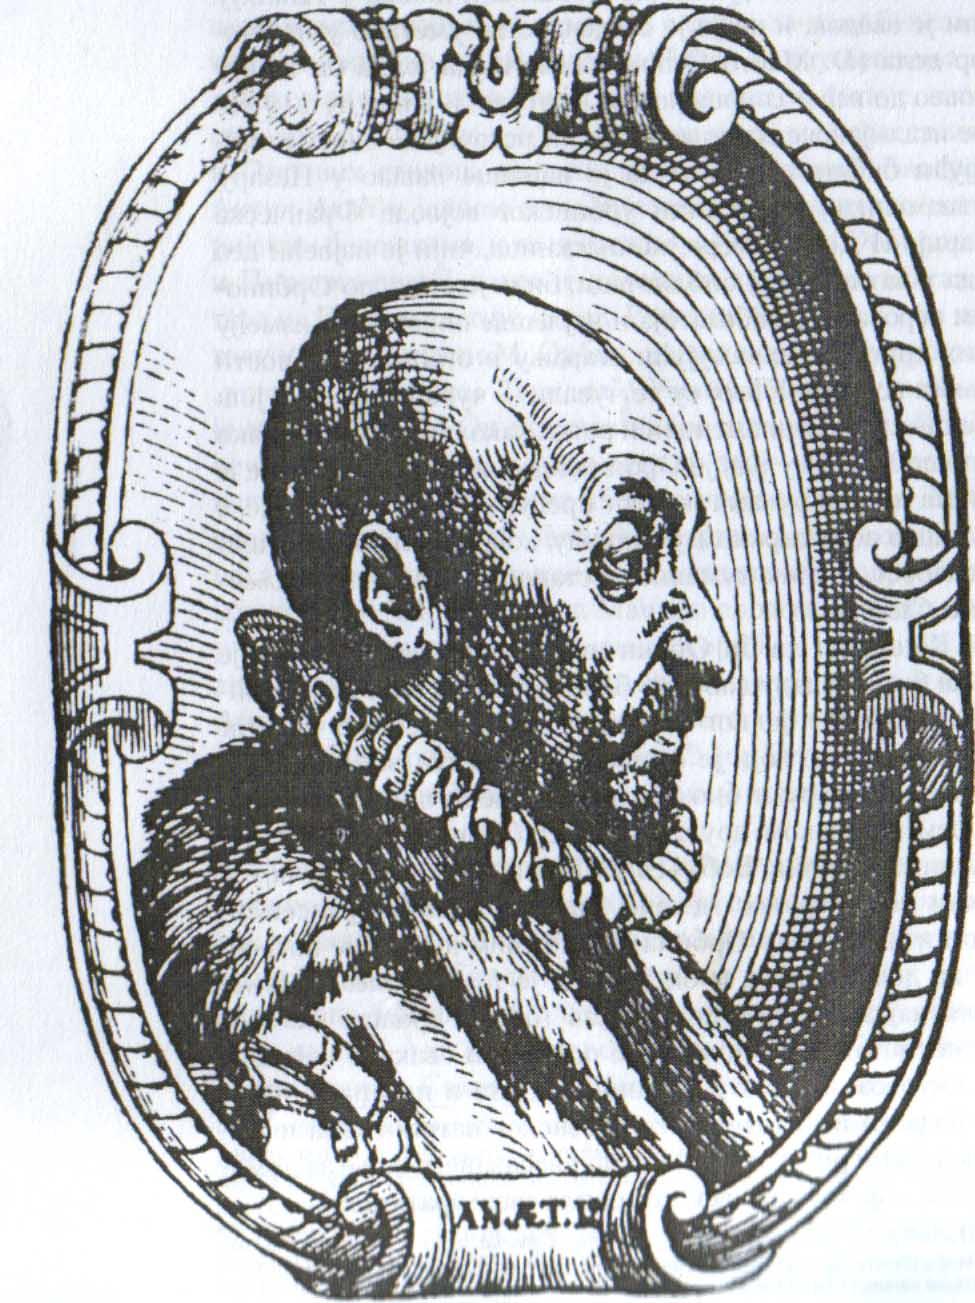 **Марин Бобаљевић**, дубровачки племић и мецена. Мавро Орбин је њему посветио своје главно дело //Краљевство Словена//.